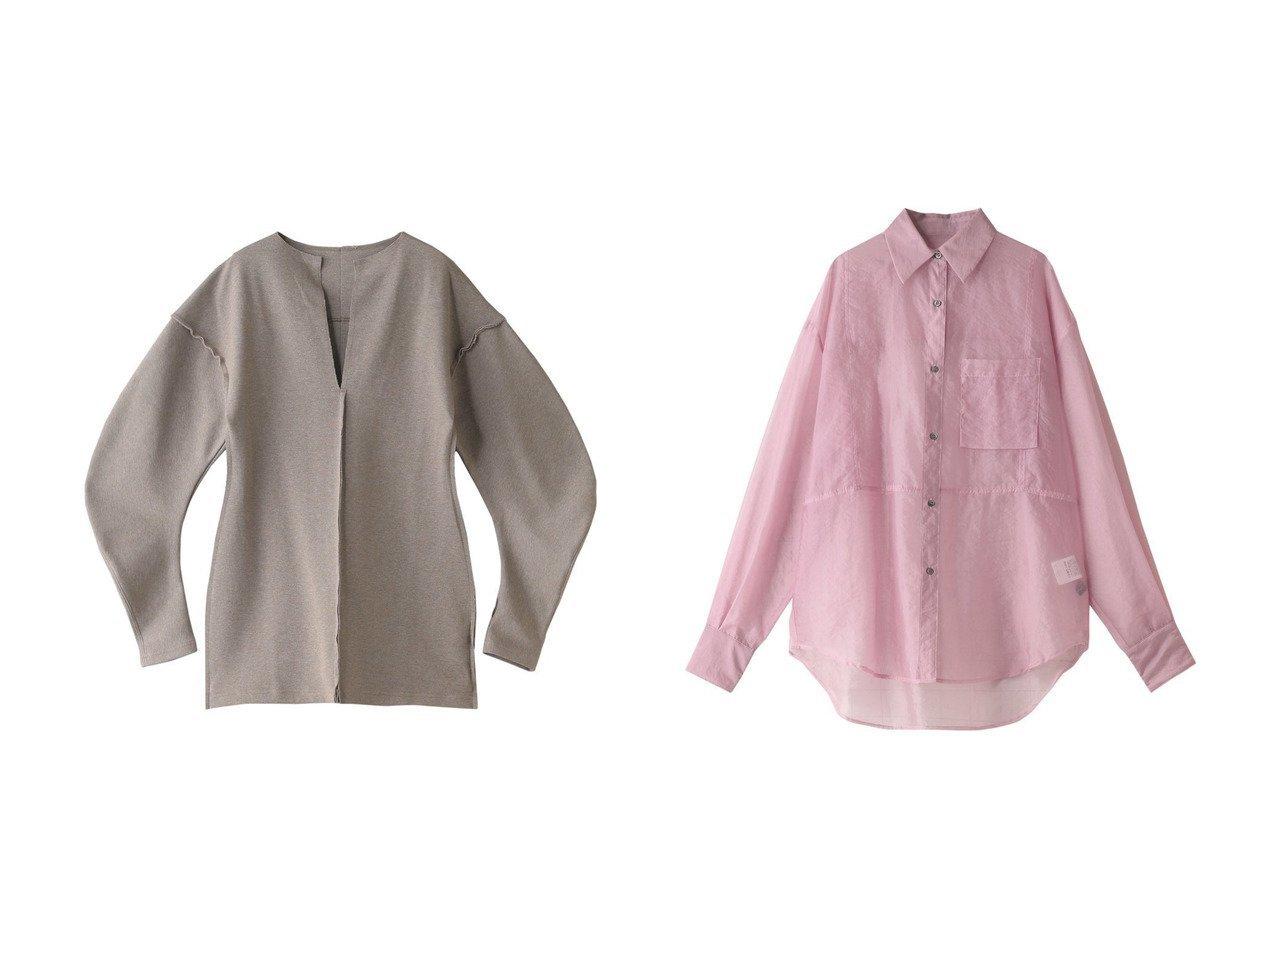 【MAISON SPECIAL/メゾンスペシャル】のオーバーシアーシャツ&コクーンスリーブダンボールトップス 【トップス・カットソー】おすすめ!人気、トレンド・レディースファッションの通販 おすすめで人気の流行・トレンド、ファッションの通販商品 メンズファッション・キッズファッション・インテリア・家具・レディースファッション・服の通販 founy(ファニー) https://founy.com/ ファッション Fashion レディースファッション WOMEN トップス・カットソー Tops/Tshirt シャツ/ブラウス Shirts/Blouses ロング / Tシャツ T-Shirts カットソー Cut and Sewn おすすめ Recommend シアー シンプル スリーブ トレンド ロング 今季 春 Spring 羽織 フェミニン フォルム |ID:crp329100000029866